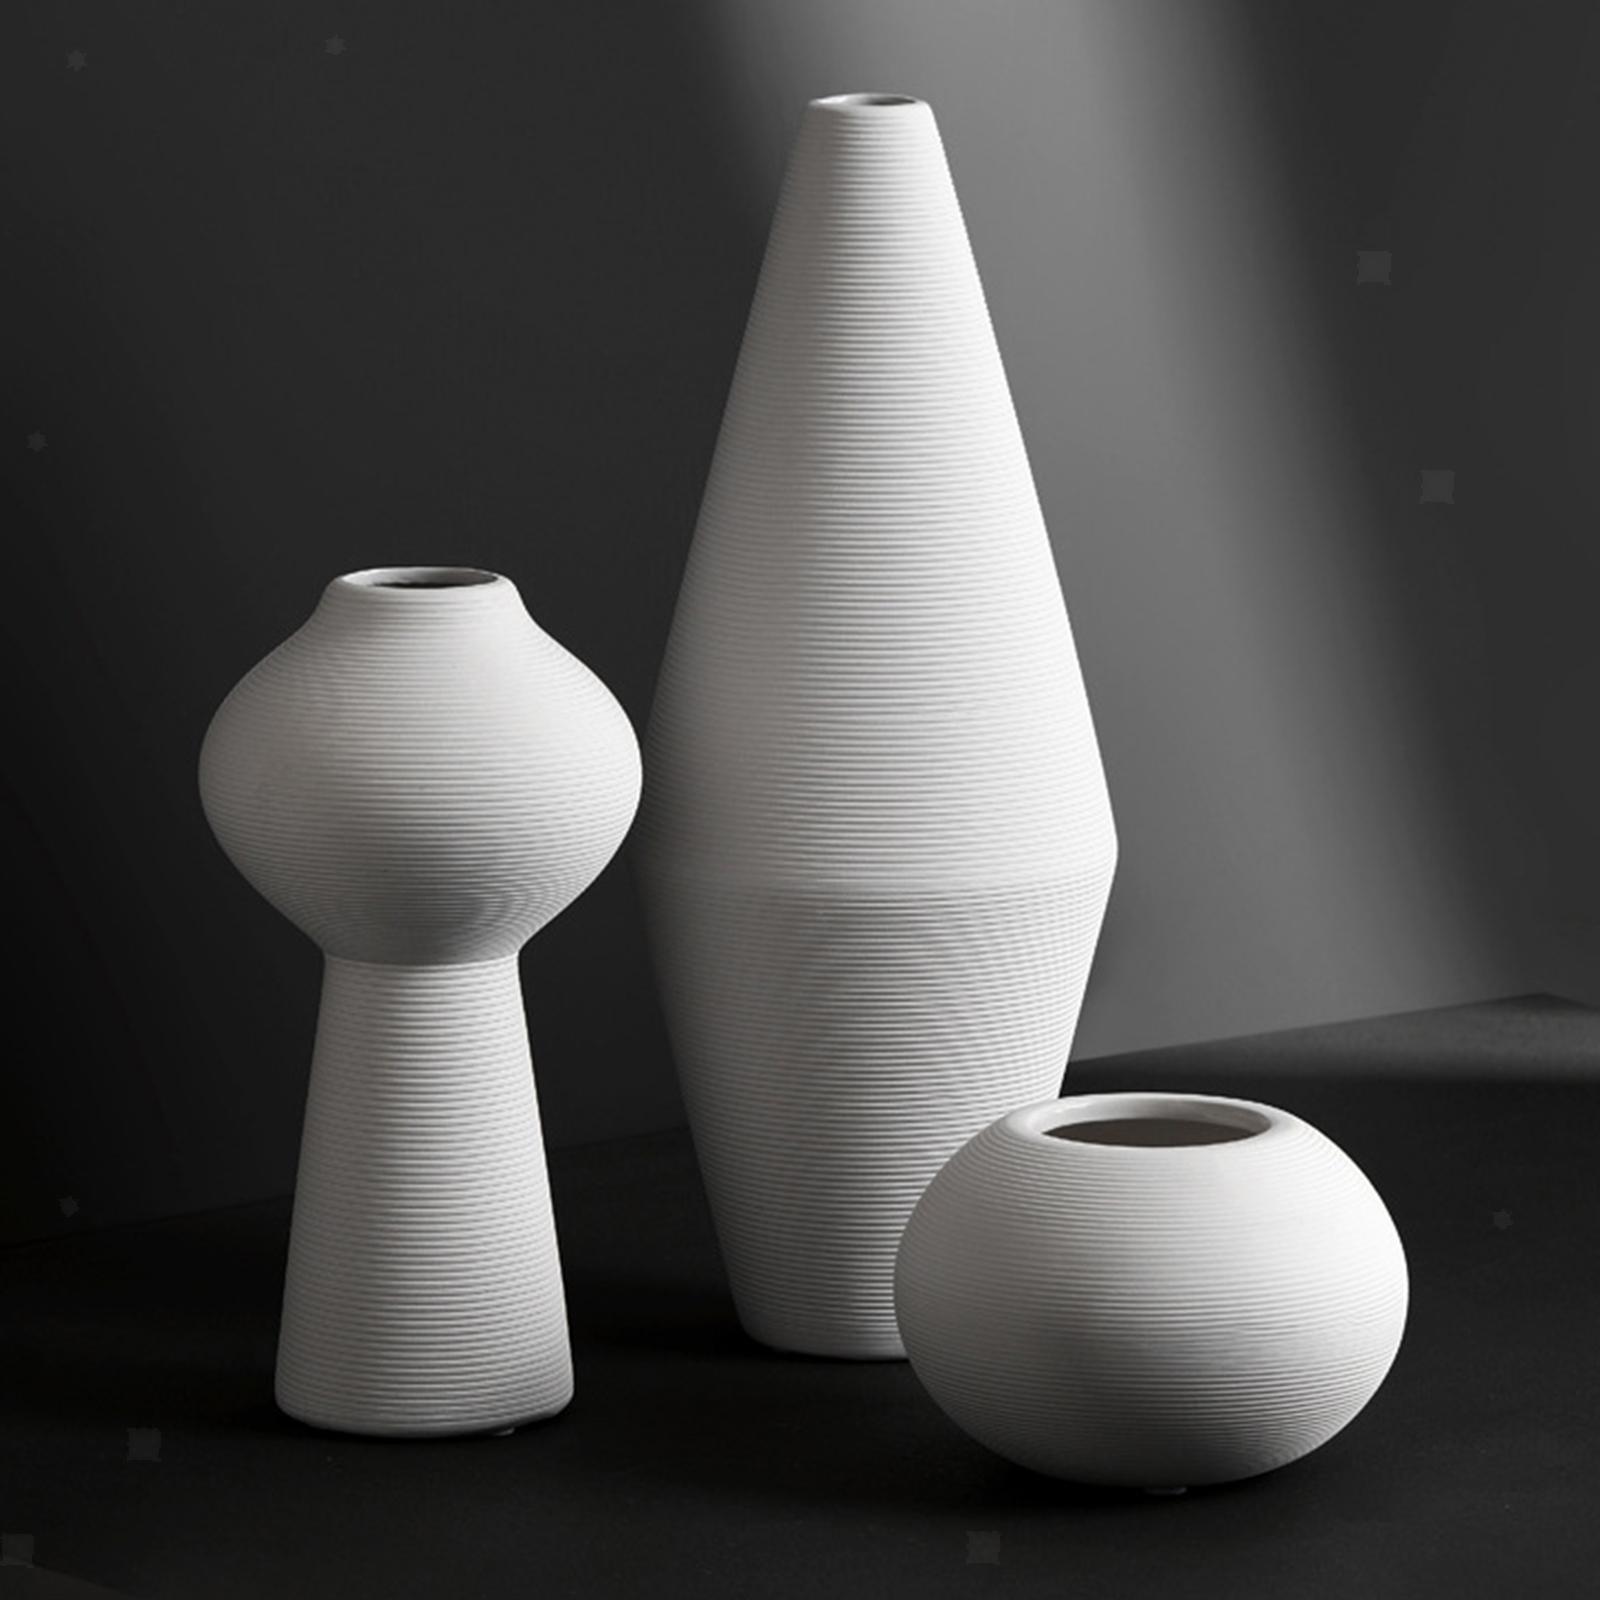 Indexbild 4 - Keramik Blumenvase Blumentöpfe Arrangements Schlafzimmer Yoga Studio Dekor